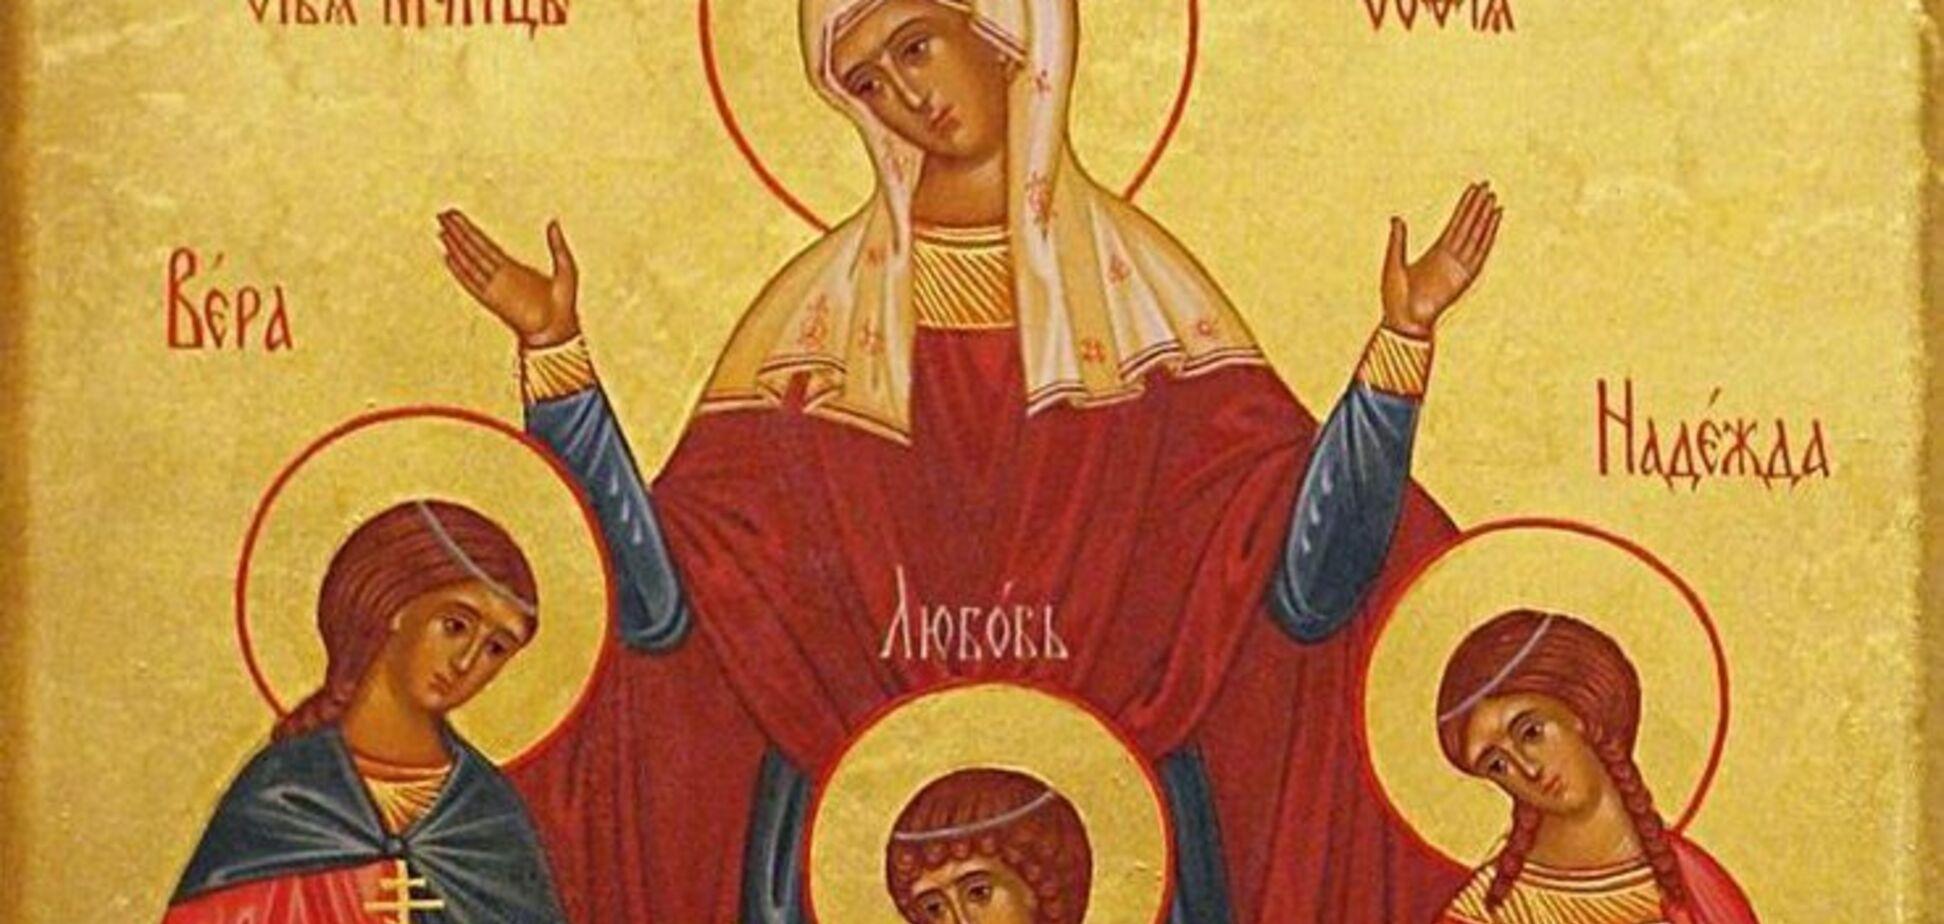 Вера, Надежда, Любовь: лучшие поздравления и открытки